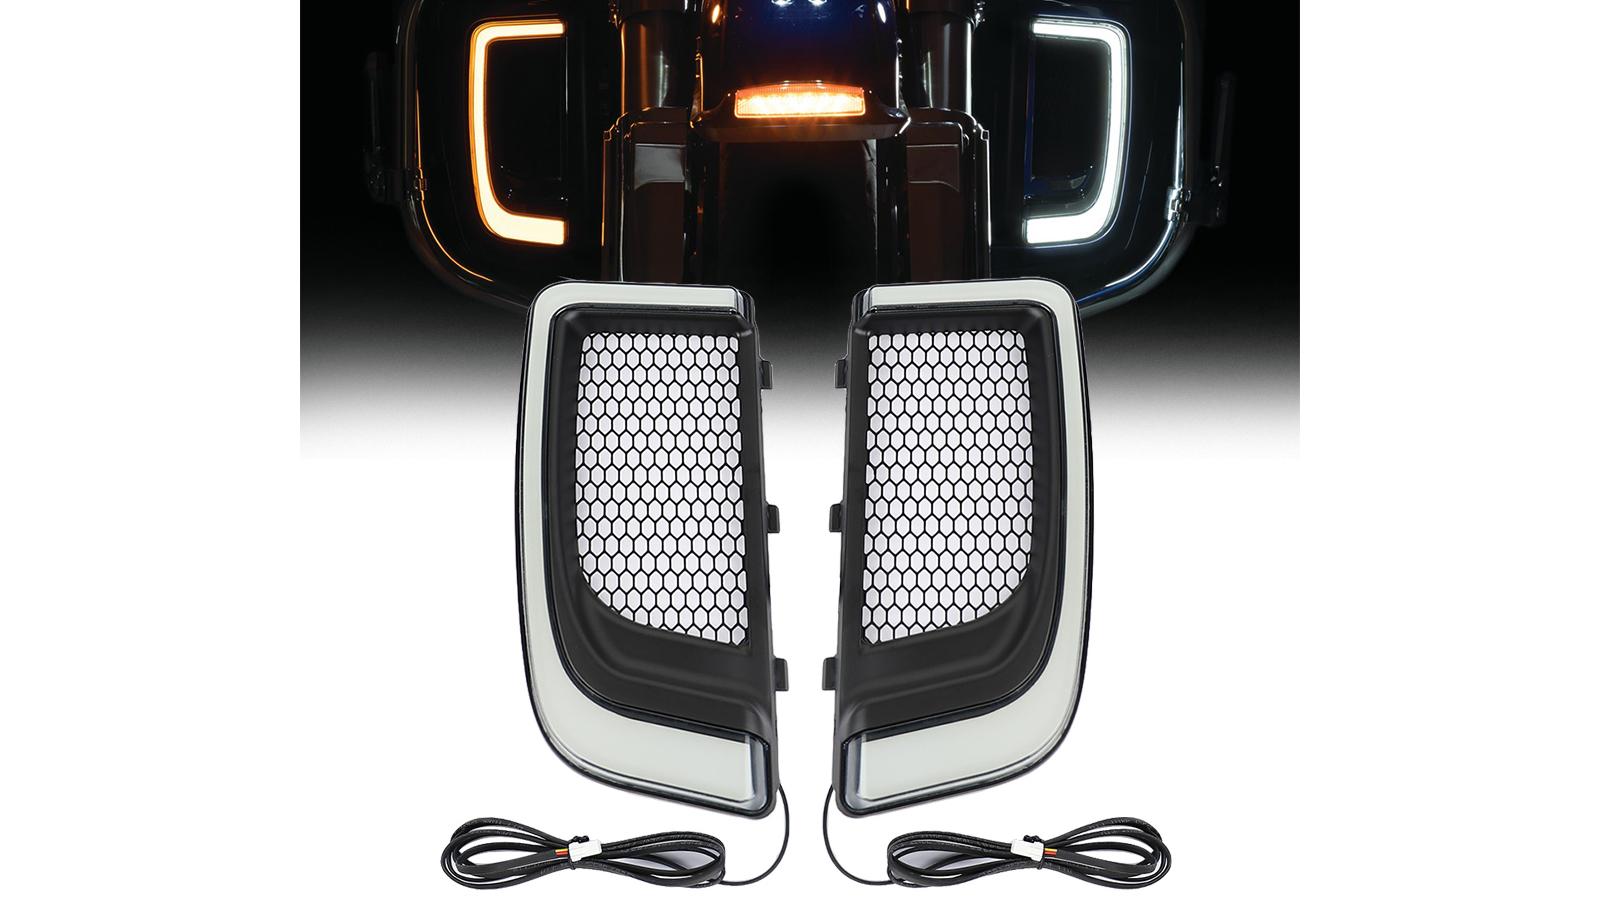 LED الجري ضوء بدوره إشارة هدية الشوايات السفلى ل هارلي ديفيدسون إلكترا شارع الطريق الإنزلاق 2014-2020 دراجة نارية